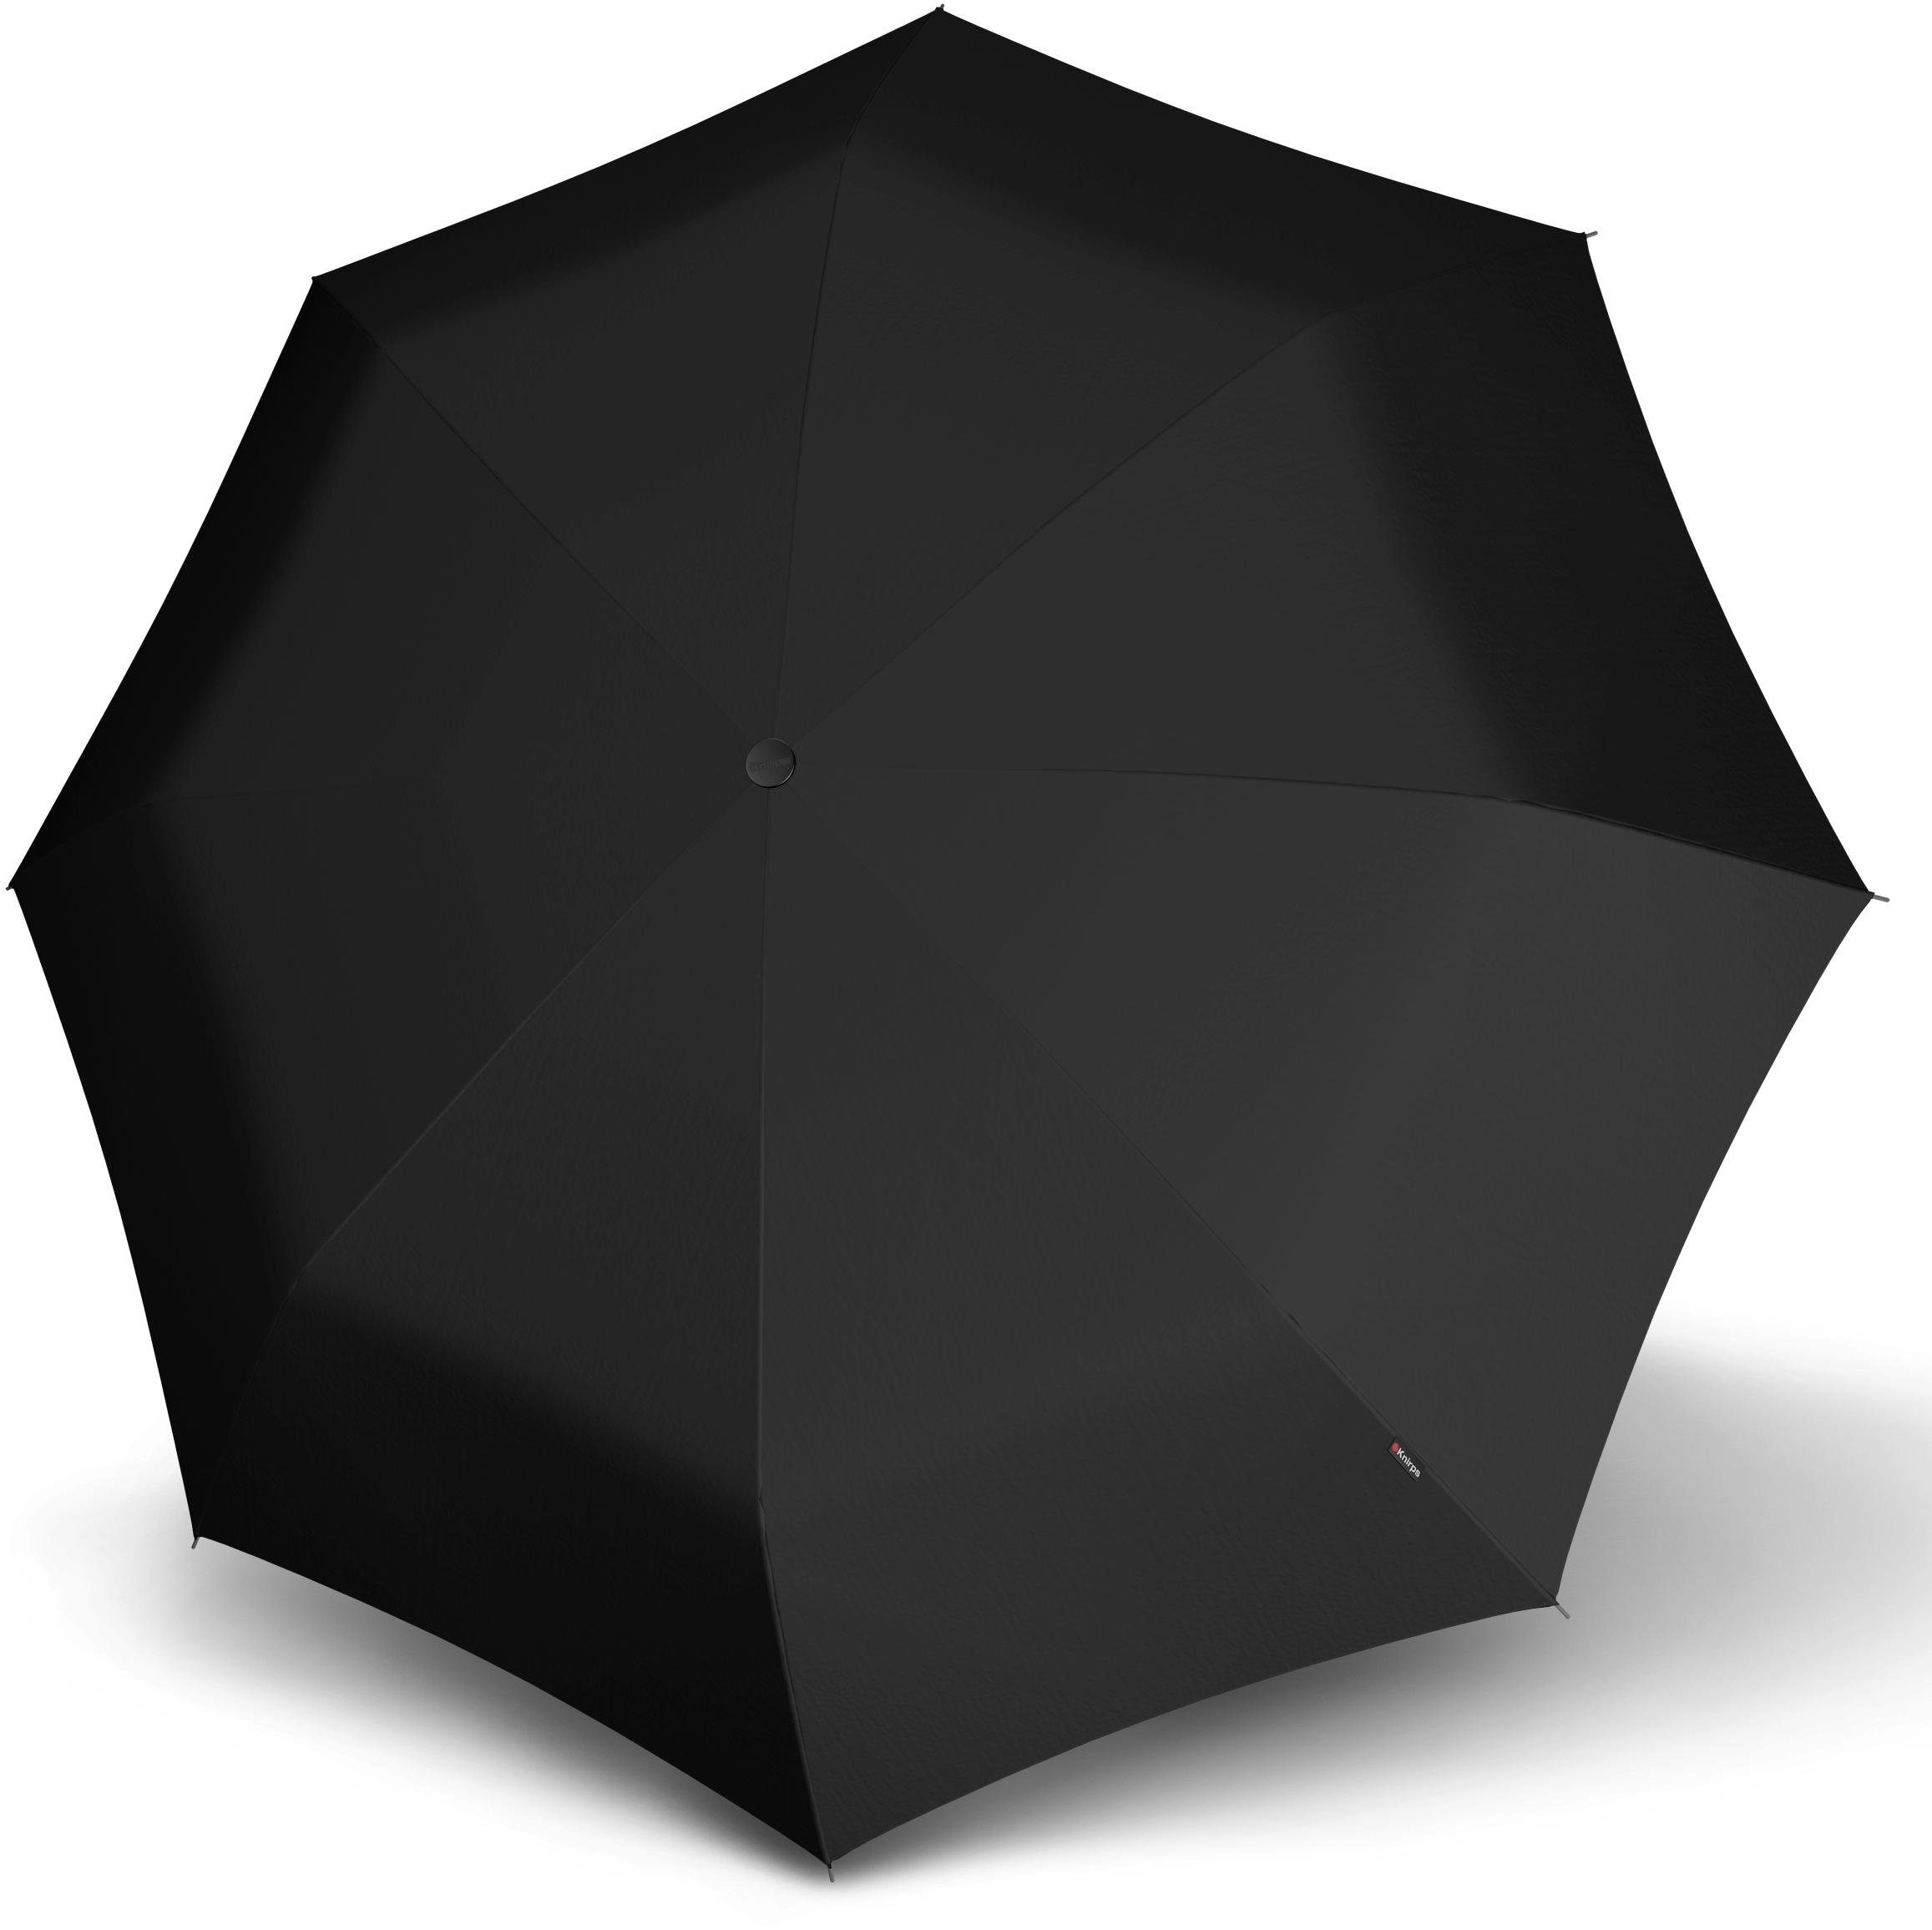 Knirps® Regenschirm - Langschirm, »T.900 Extra Long Automatic black«